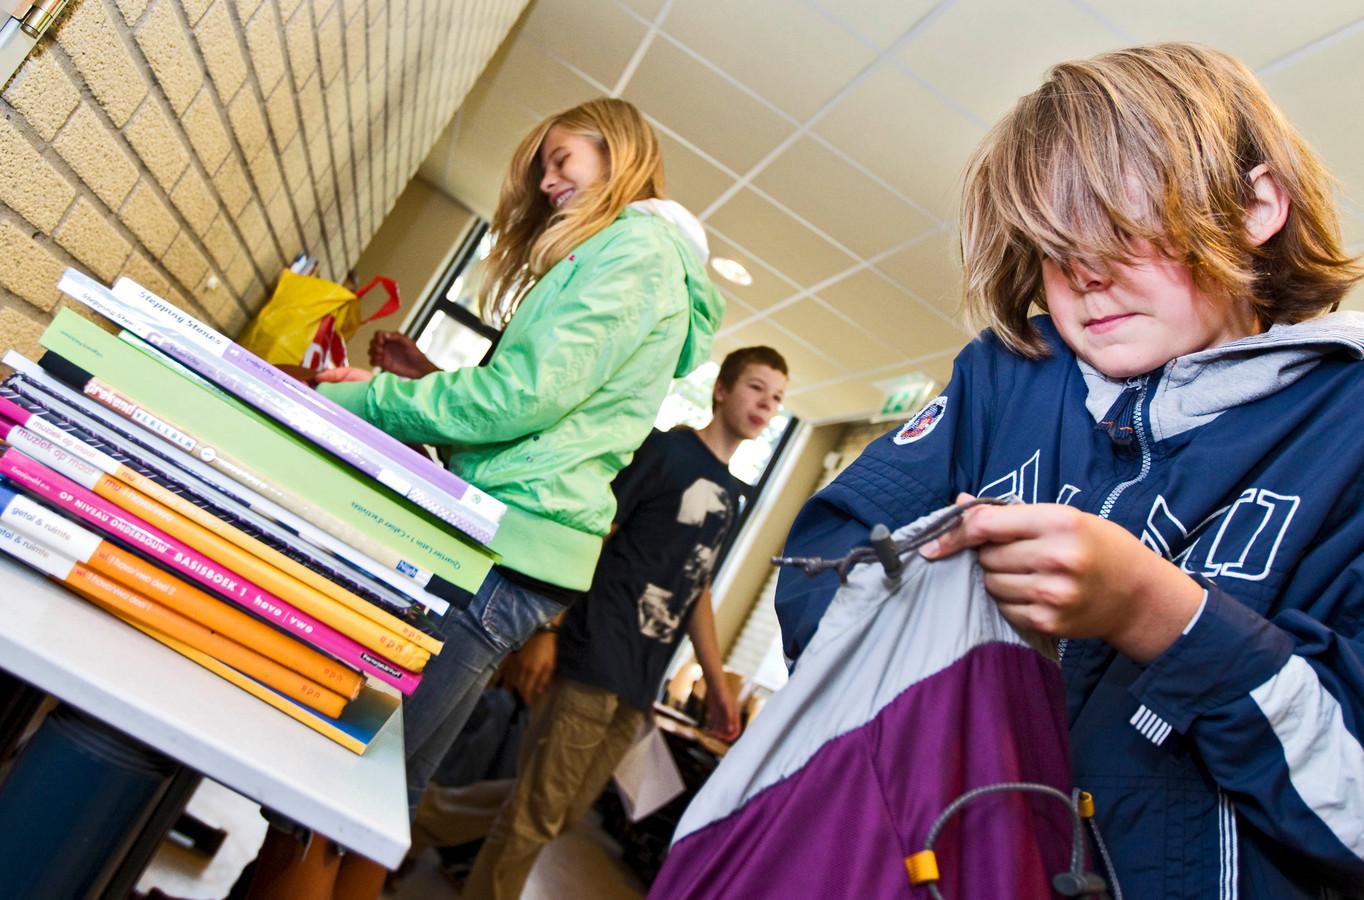 De zomervakantie duurt dit jaar extra lang. Door alle coronamaatregelen hebben veel scholieren al veel vrije tijd gehad. Ze kijken uit naar een terugkeer naar school.